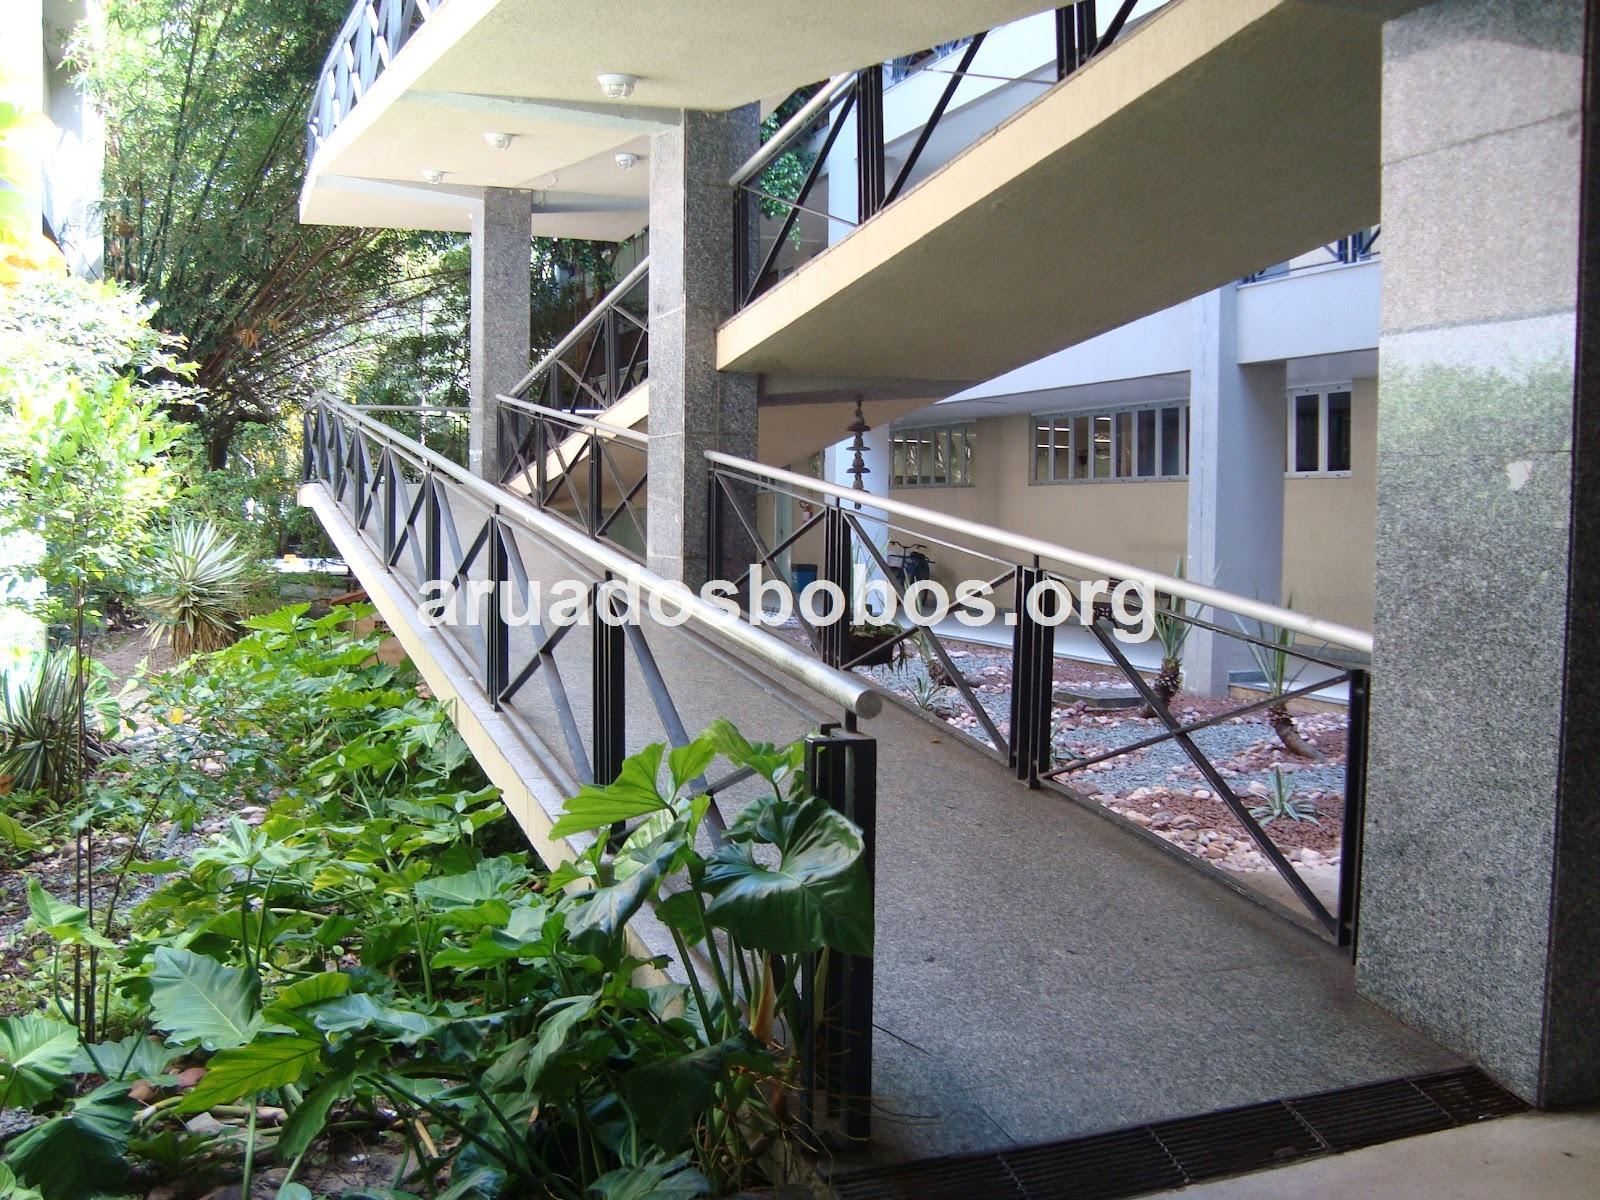 Imagens de #446730 Rua dos Bobos: Acessibilidade na Unifor. Cadê? 1600x1200 px 3416 Bloco Cad Banheiro Para Cadeirante